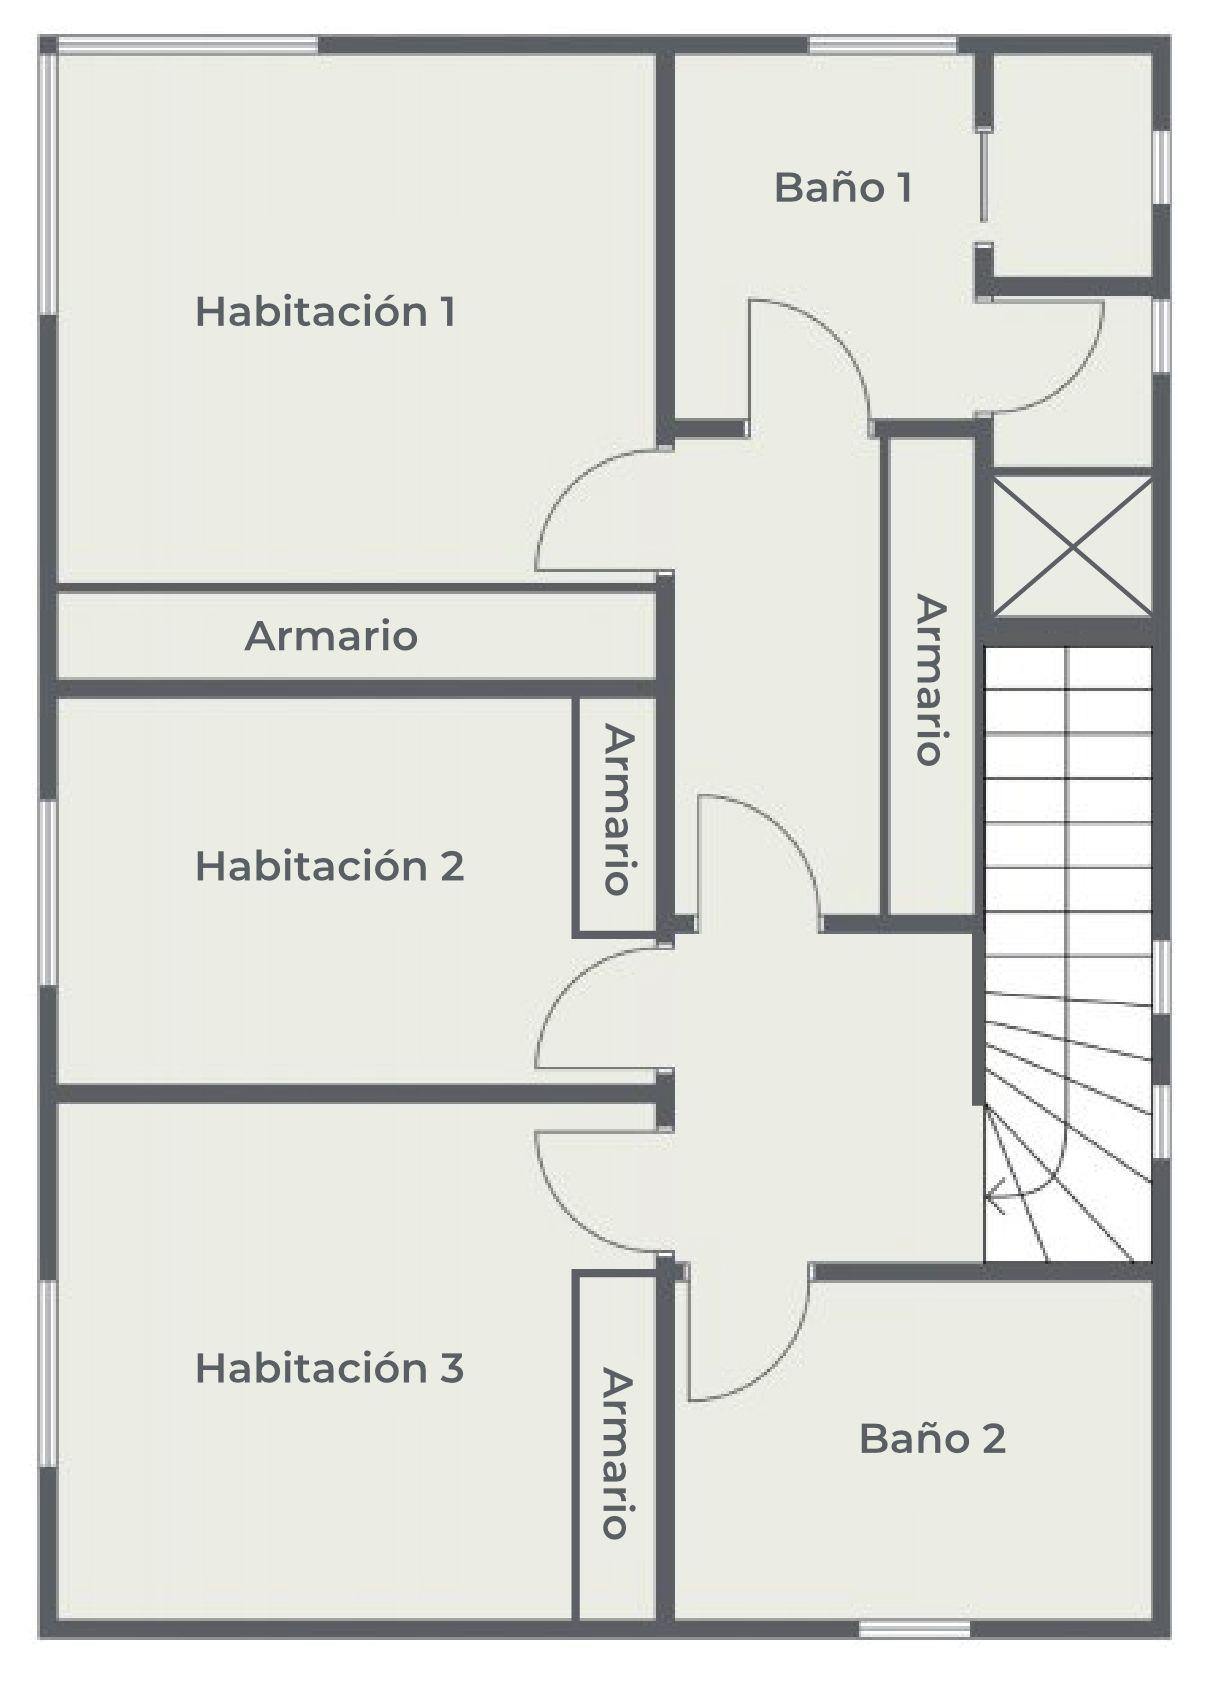 La Casa Azul - Tegueste. Plano de planta. Planta alta